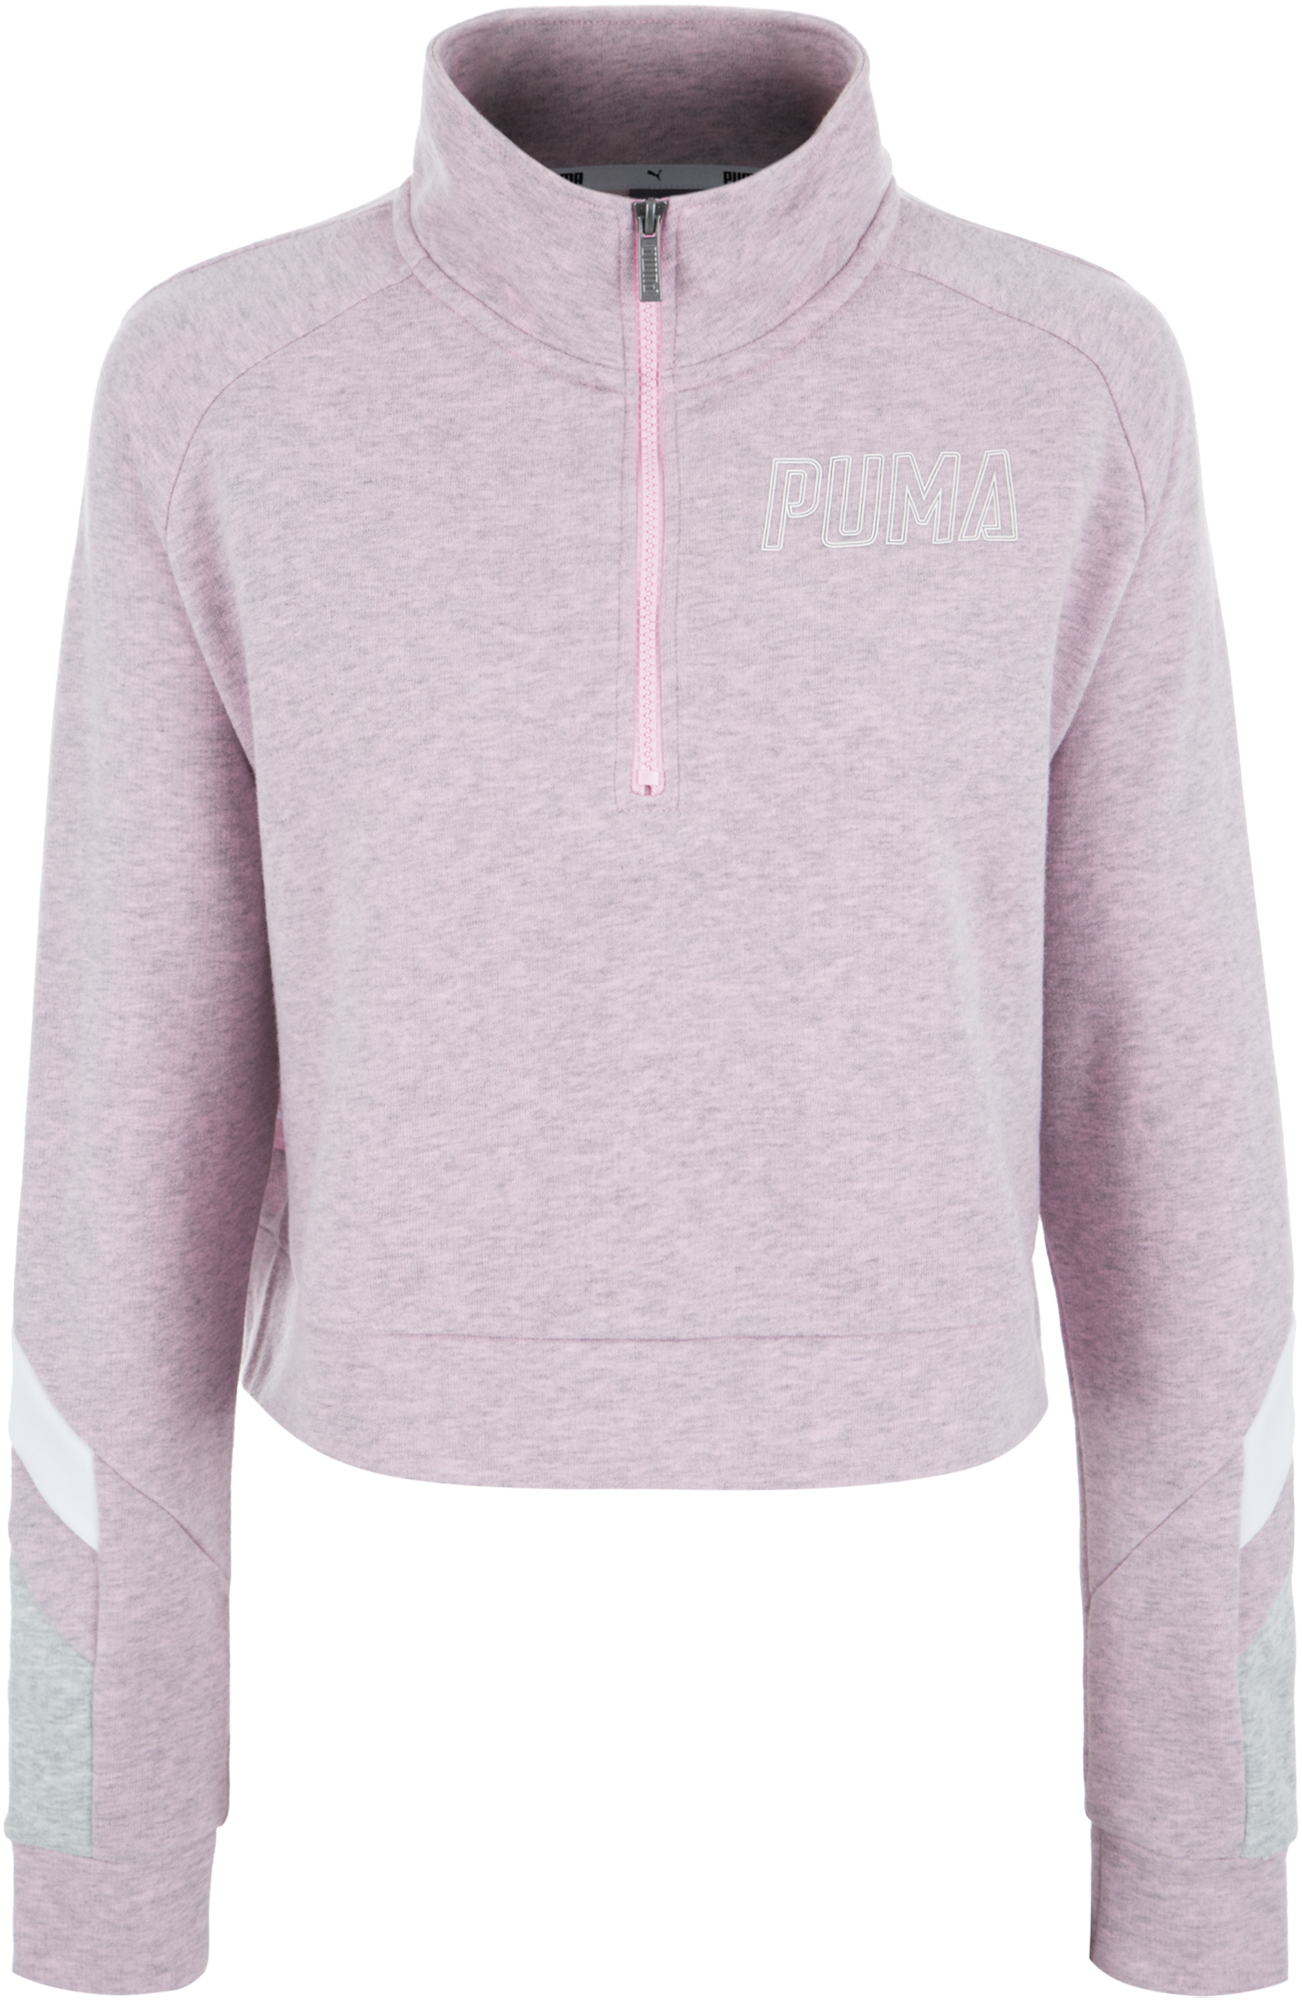 все цены на Puma Джемпер женский Puma Athletics, размер 46-48 онлайн